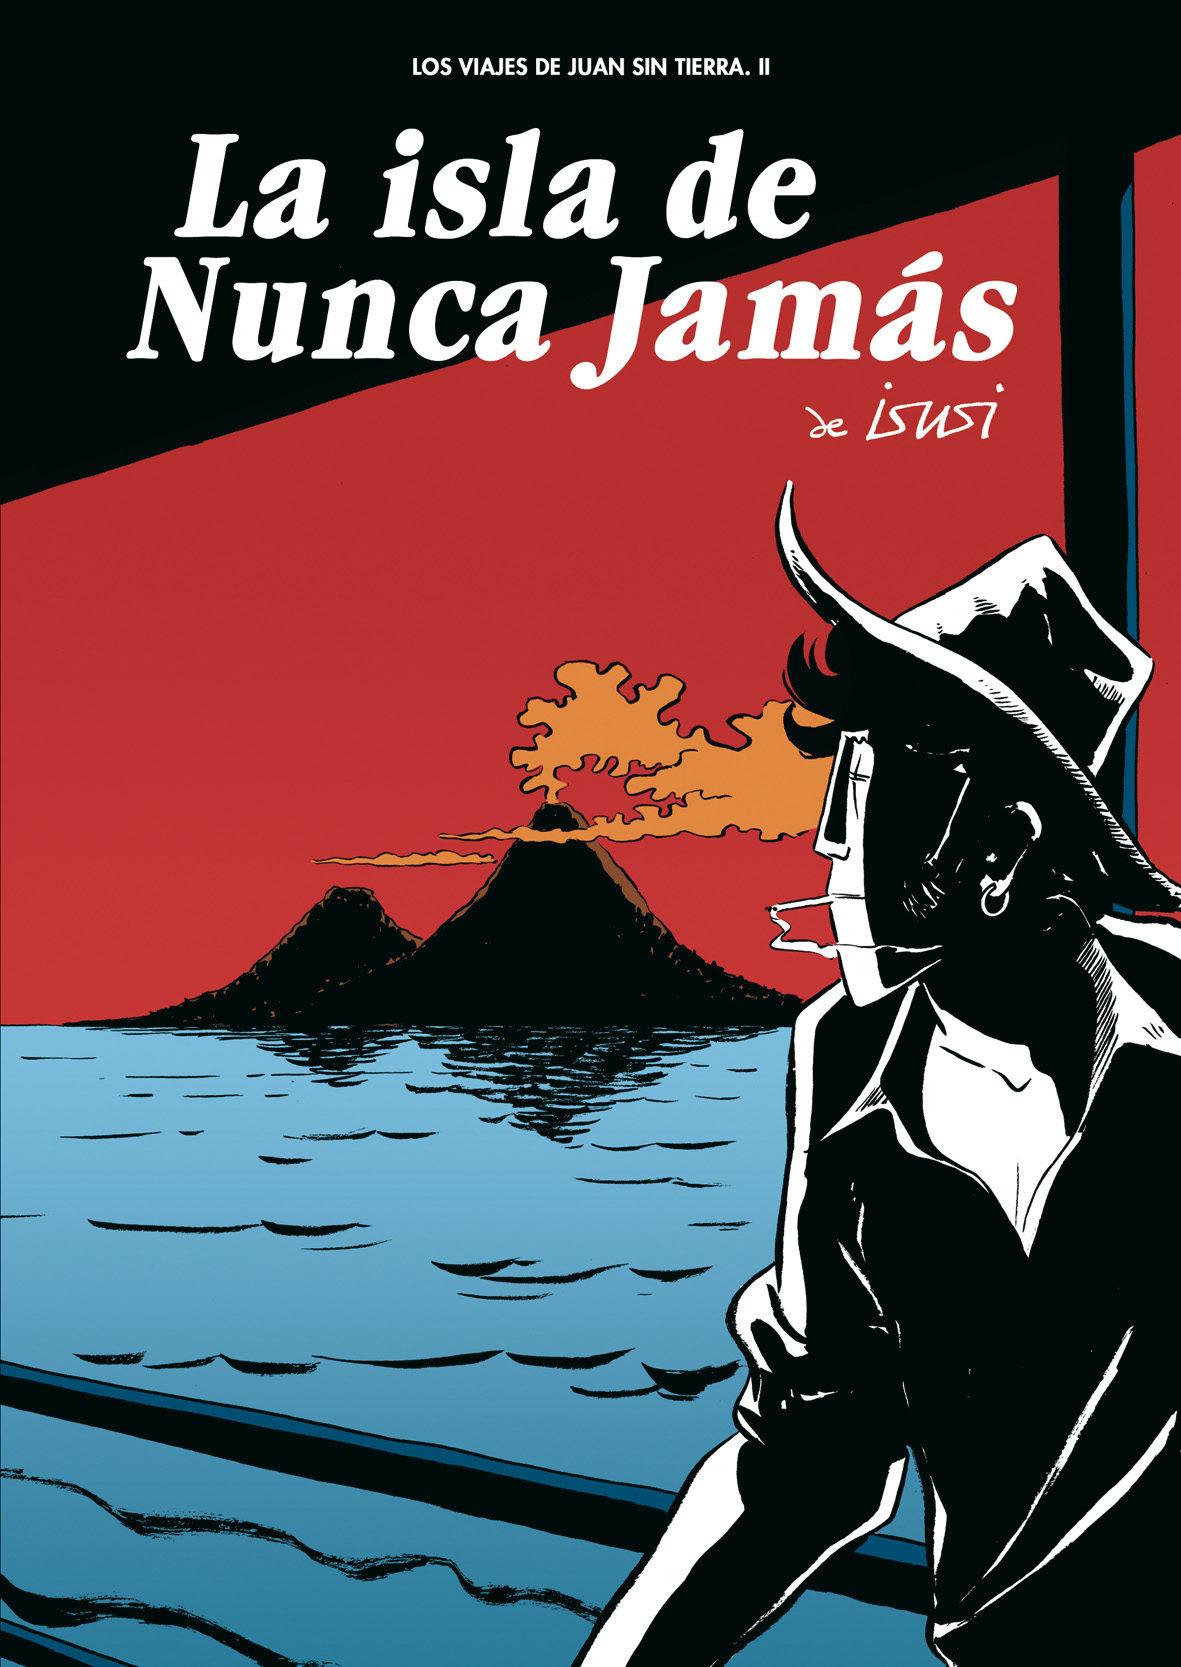 La Isla De Nunca Jamas por Javier De Isusi